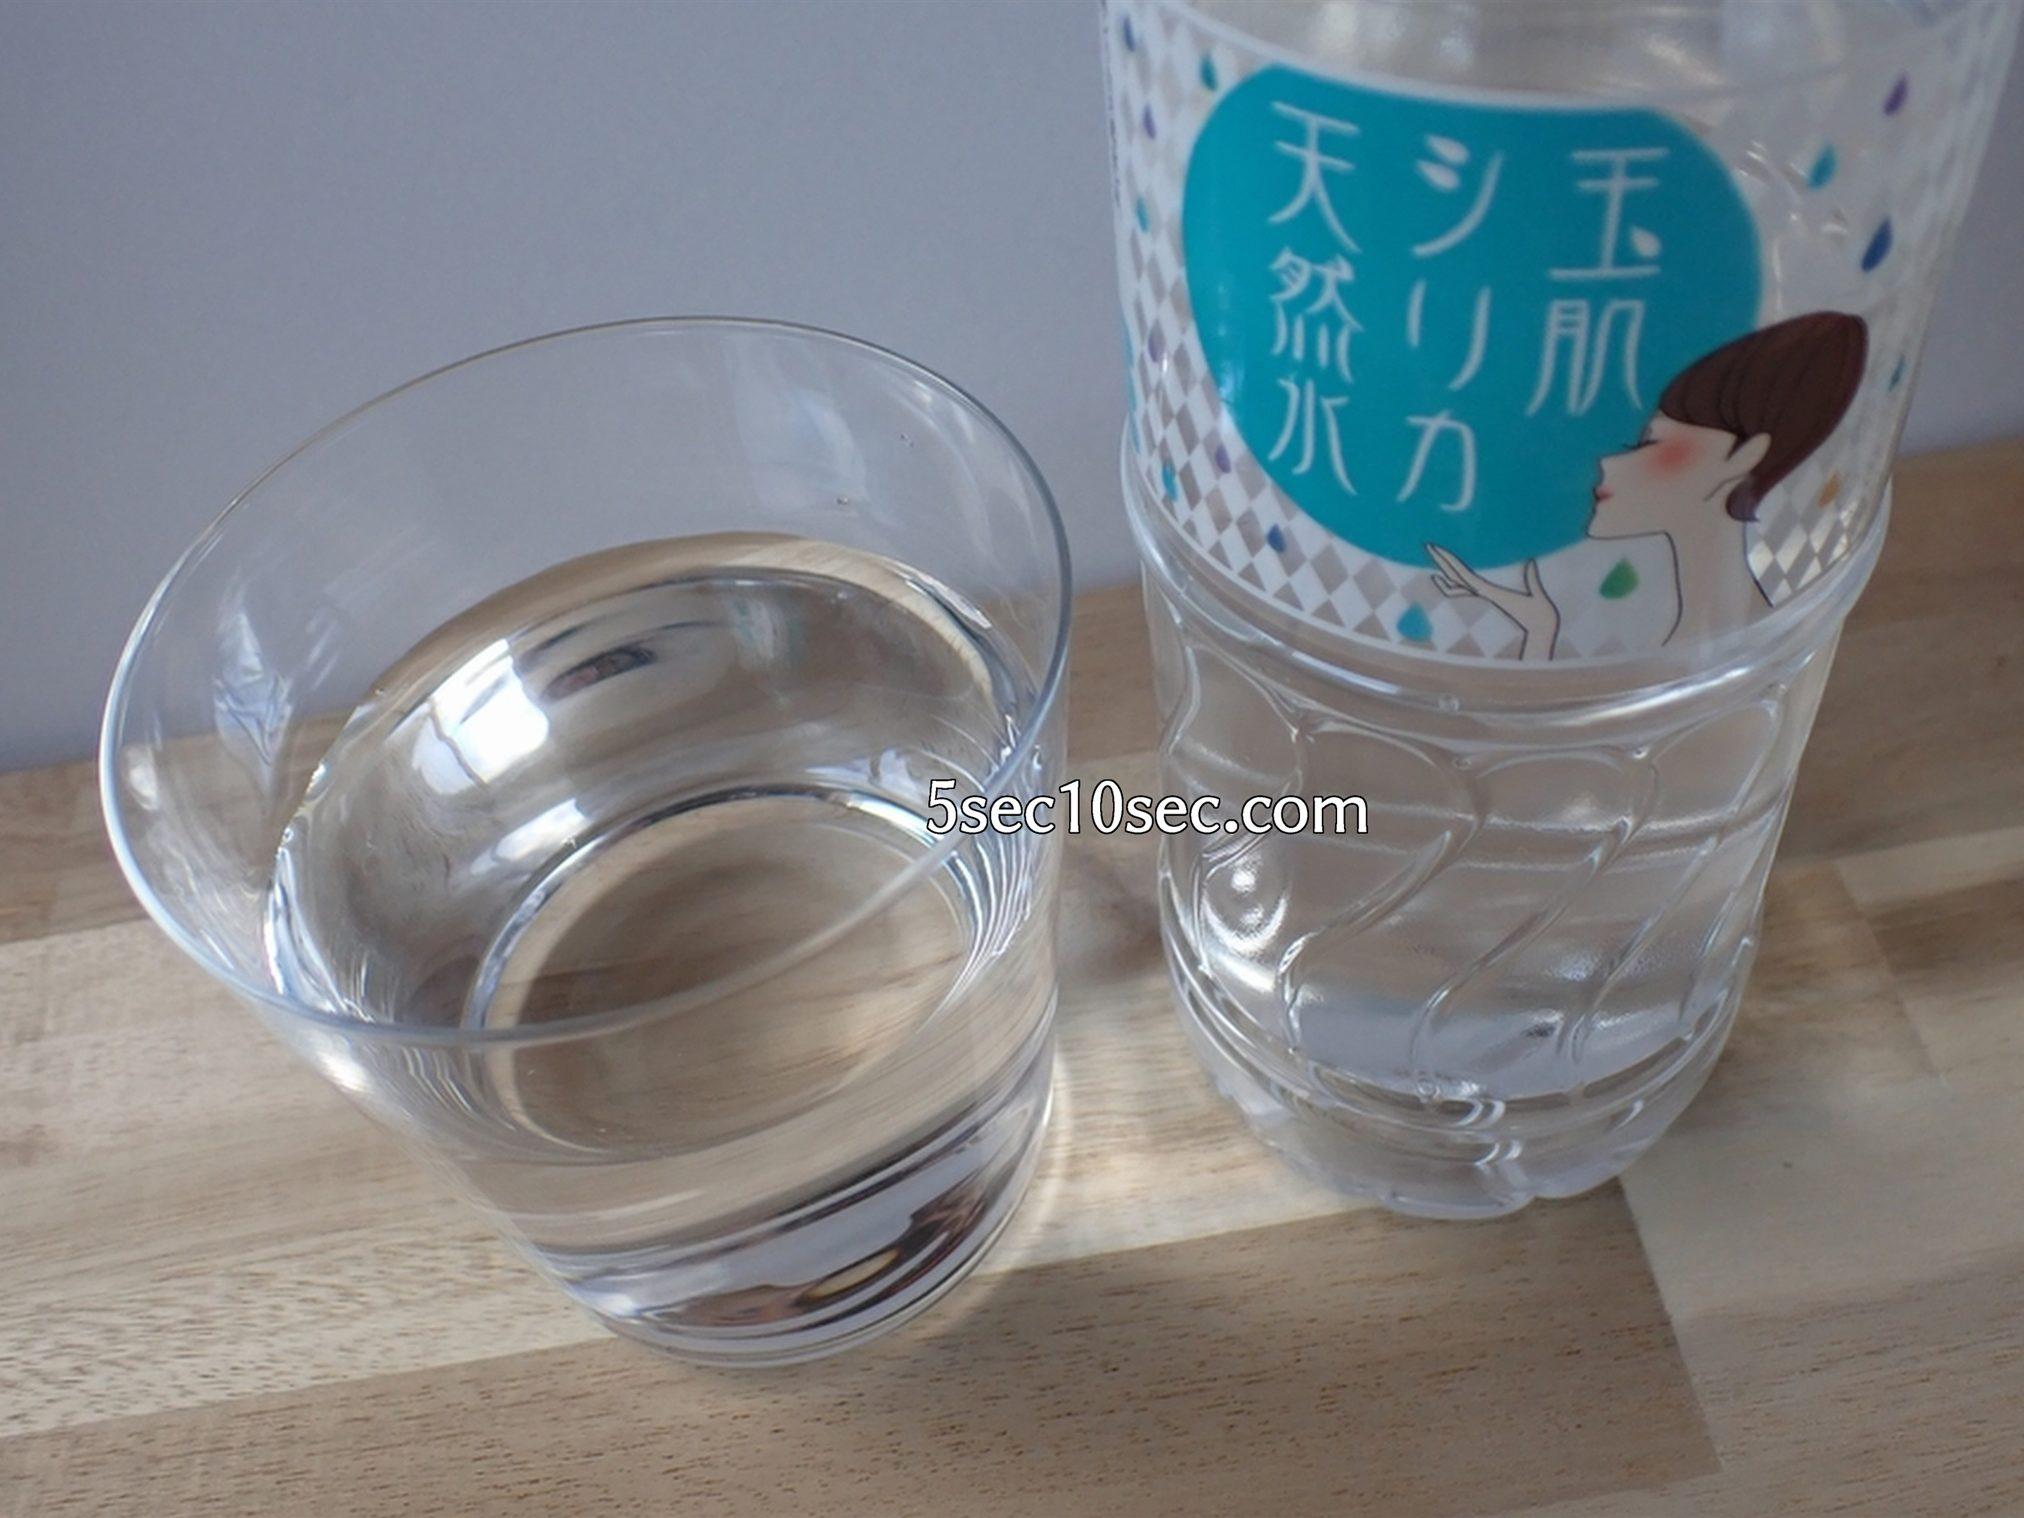 玉肌シリカ天然水 1日に消費するとされるシリカ、ケイ素を500ml1本でほぼ補えます